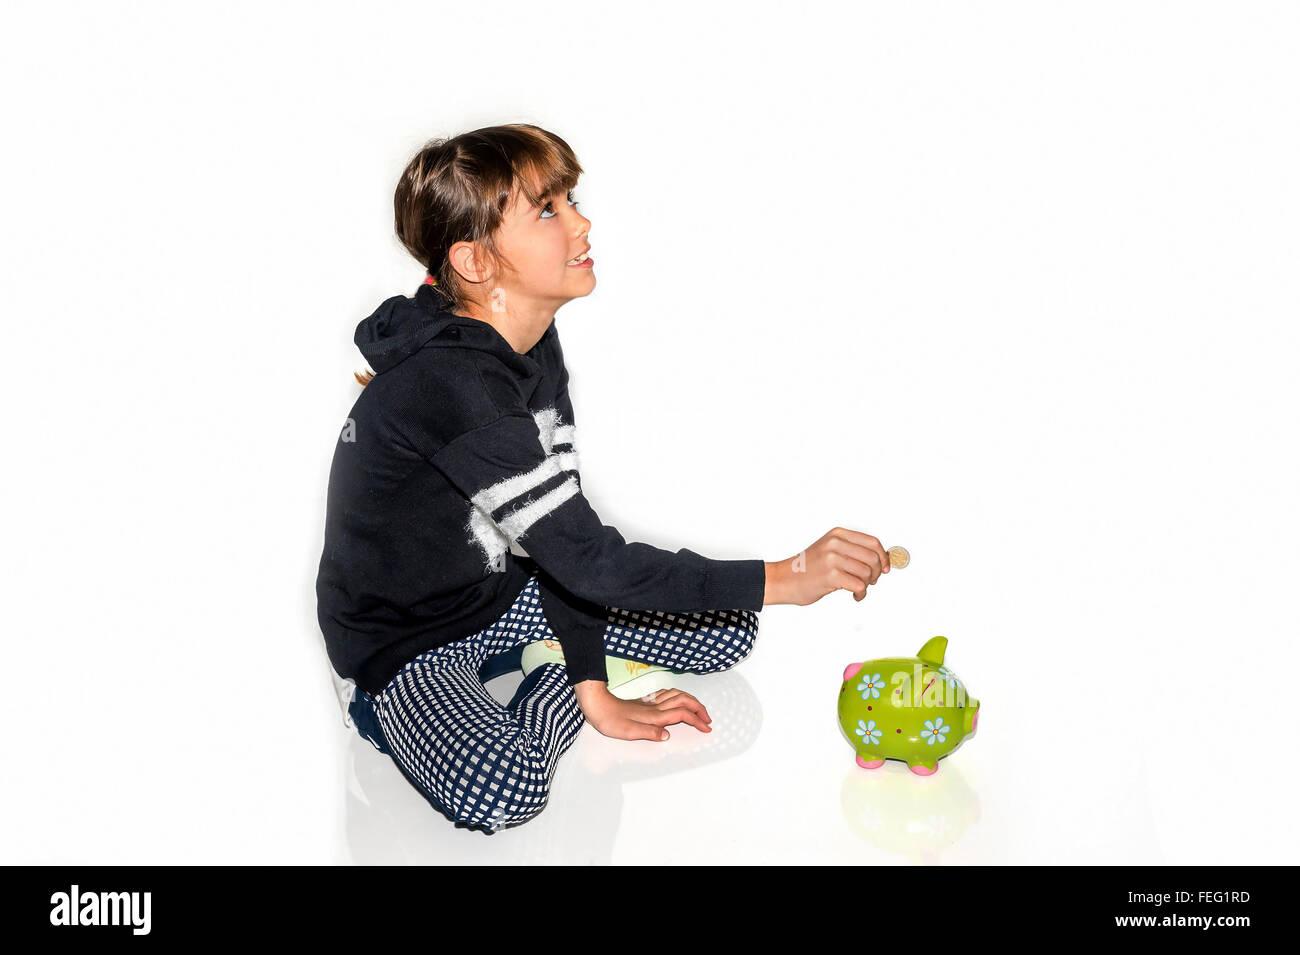 Kleines Mädchen sparen Geld im Sparschwein Stockbild